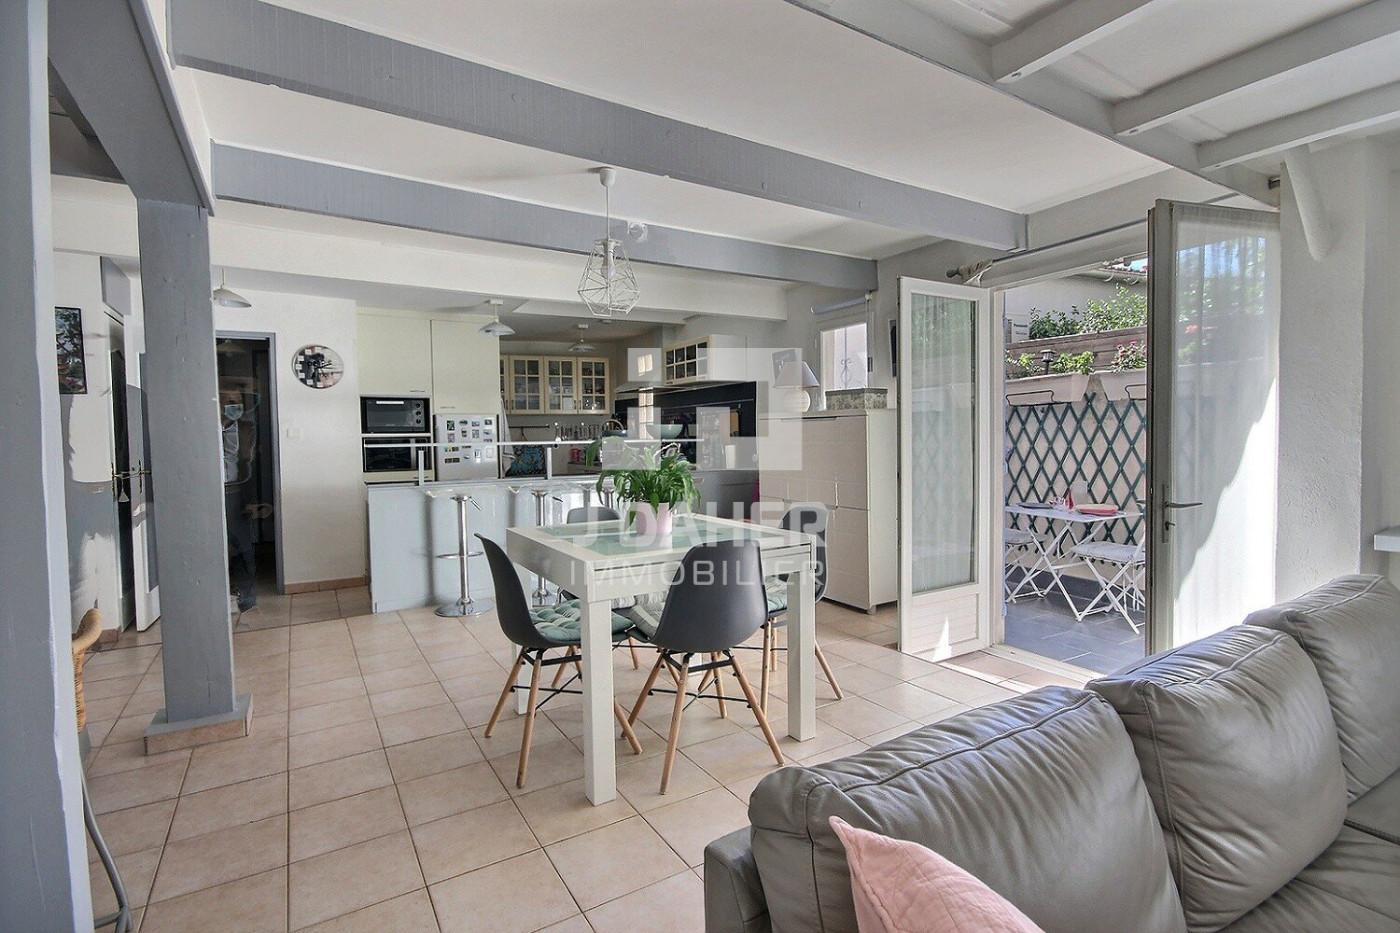 A vendre  Marseille 7eme Arrondissement   Réf 130251023 - J daher immobilier